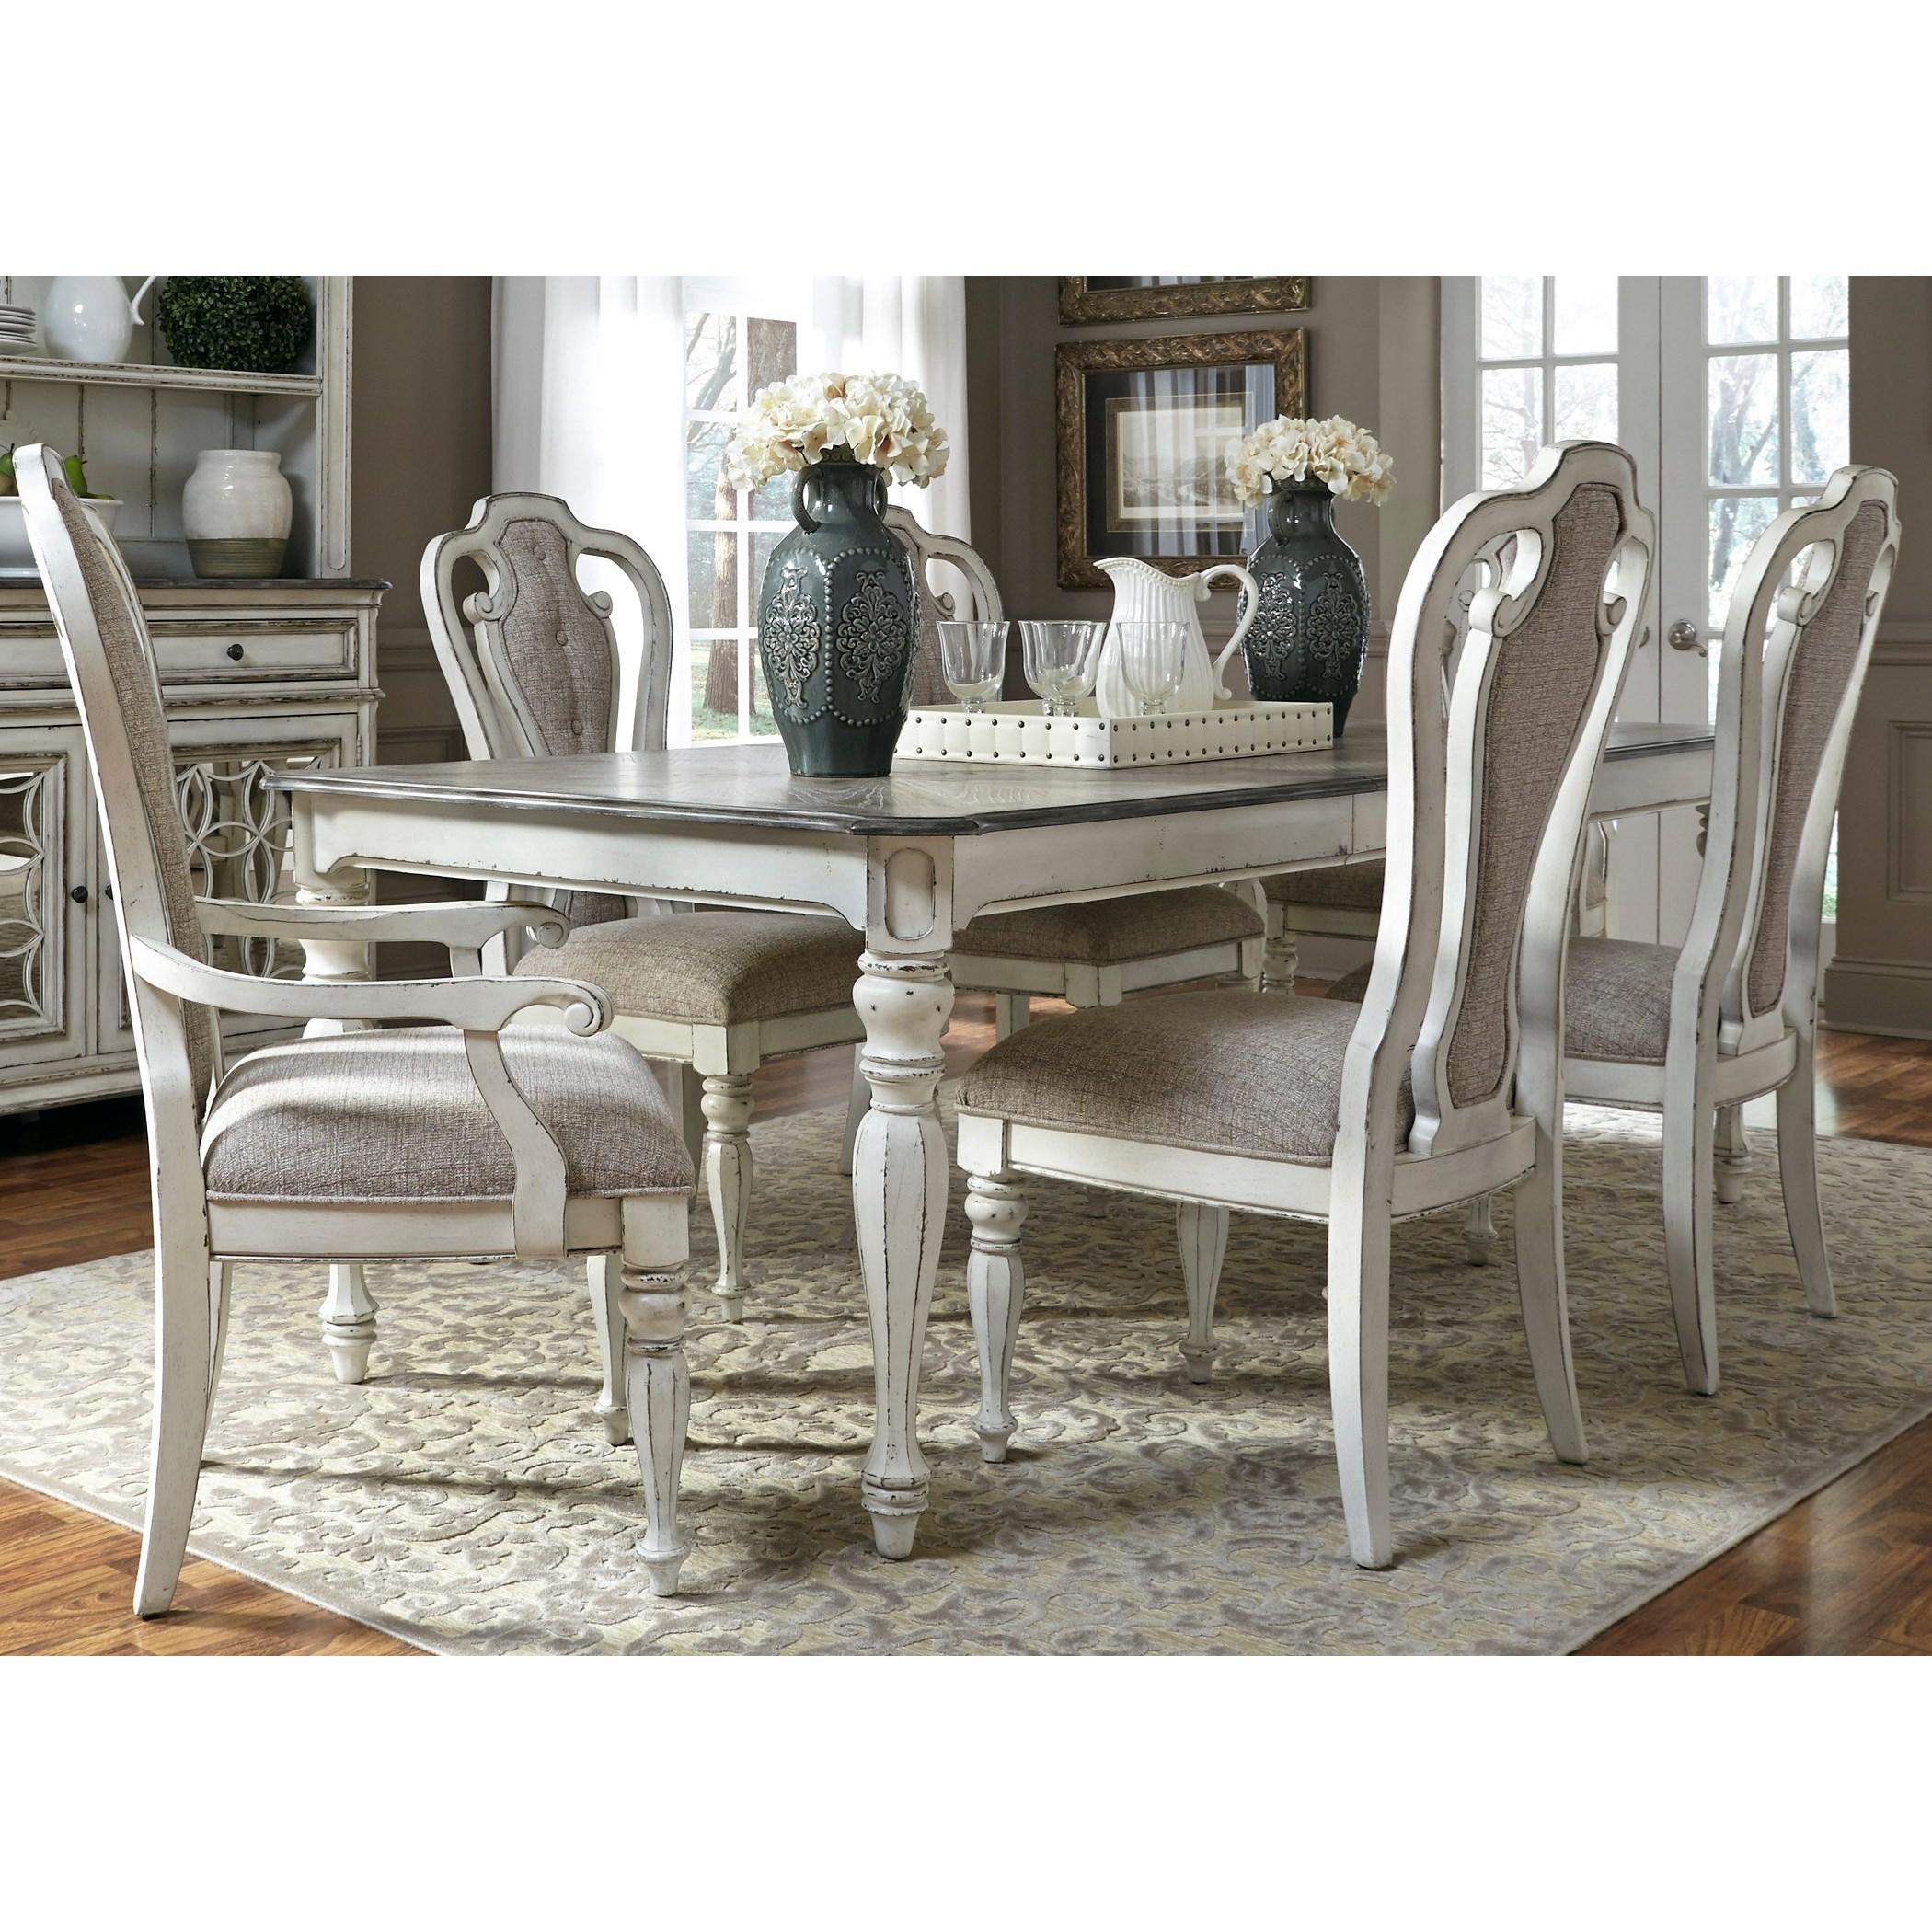 Magnolia Manor Dining 7 Piece Rectangular Table Set by Liberty Furniture at Bullard Furniture